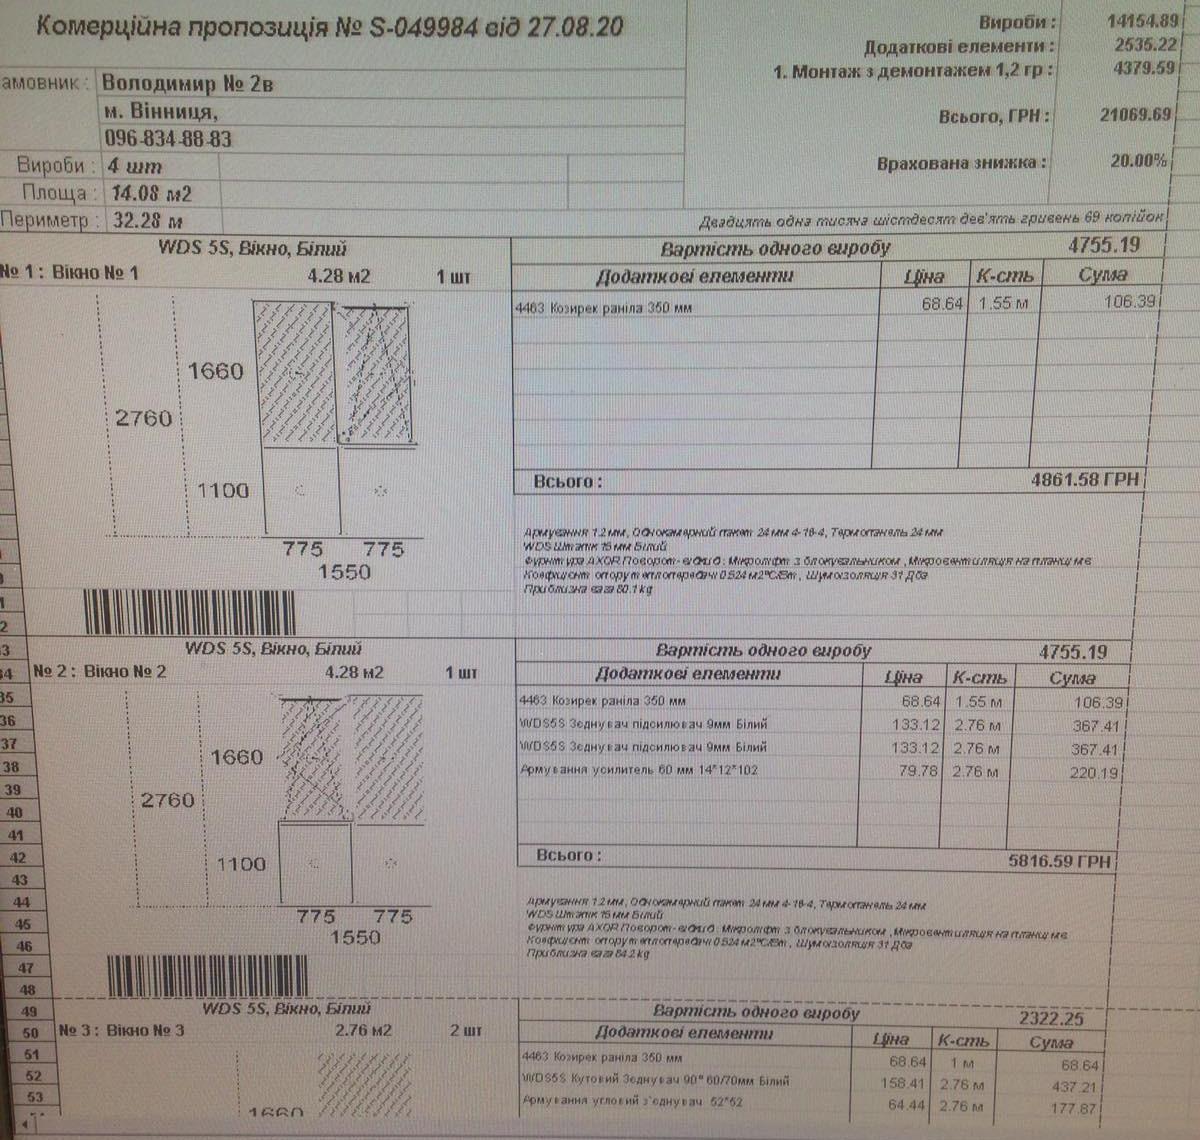 Вікно однокамерне 155 см * 276 см  - Ціна 4755 грн